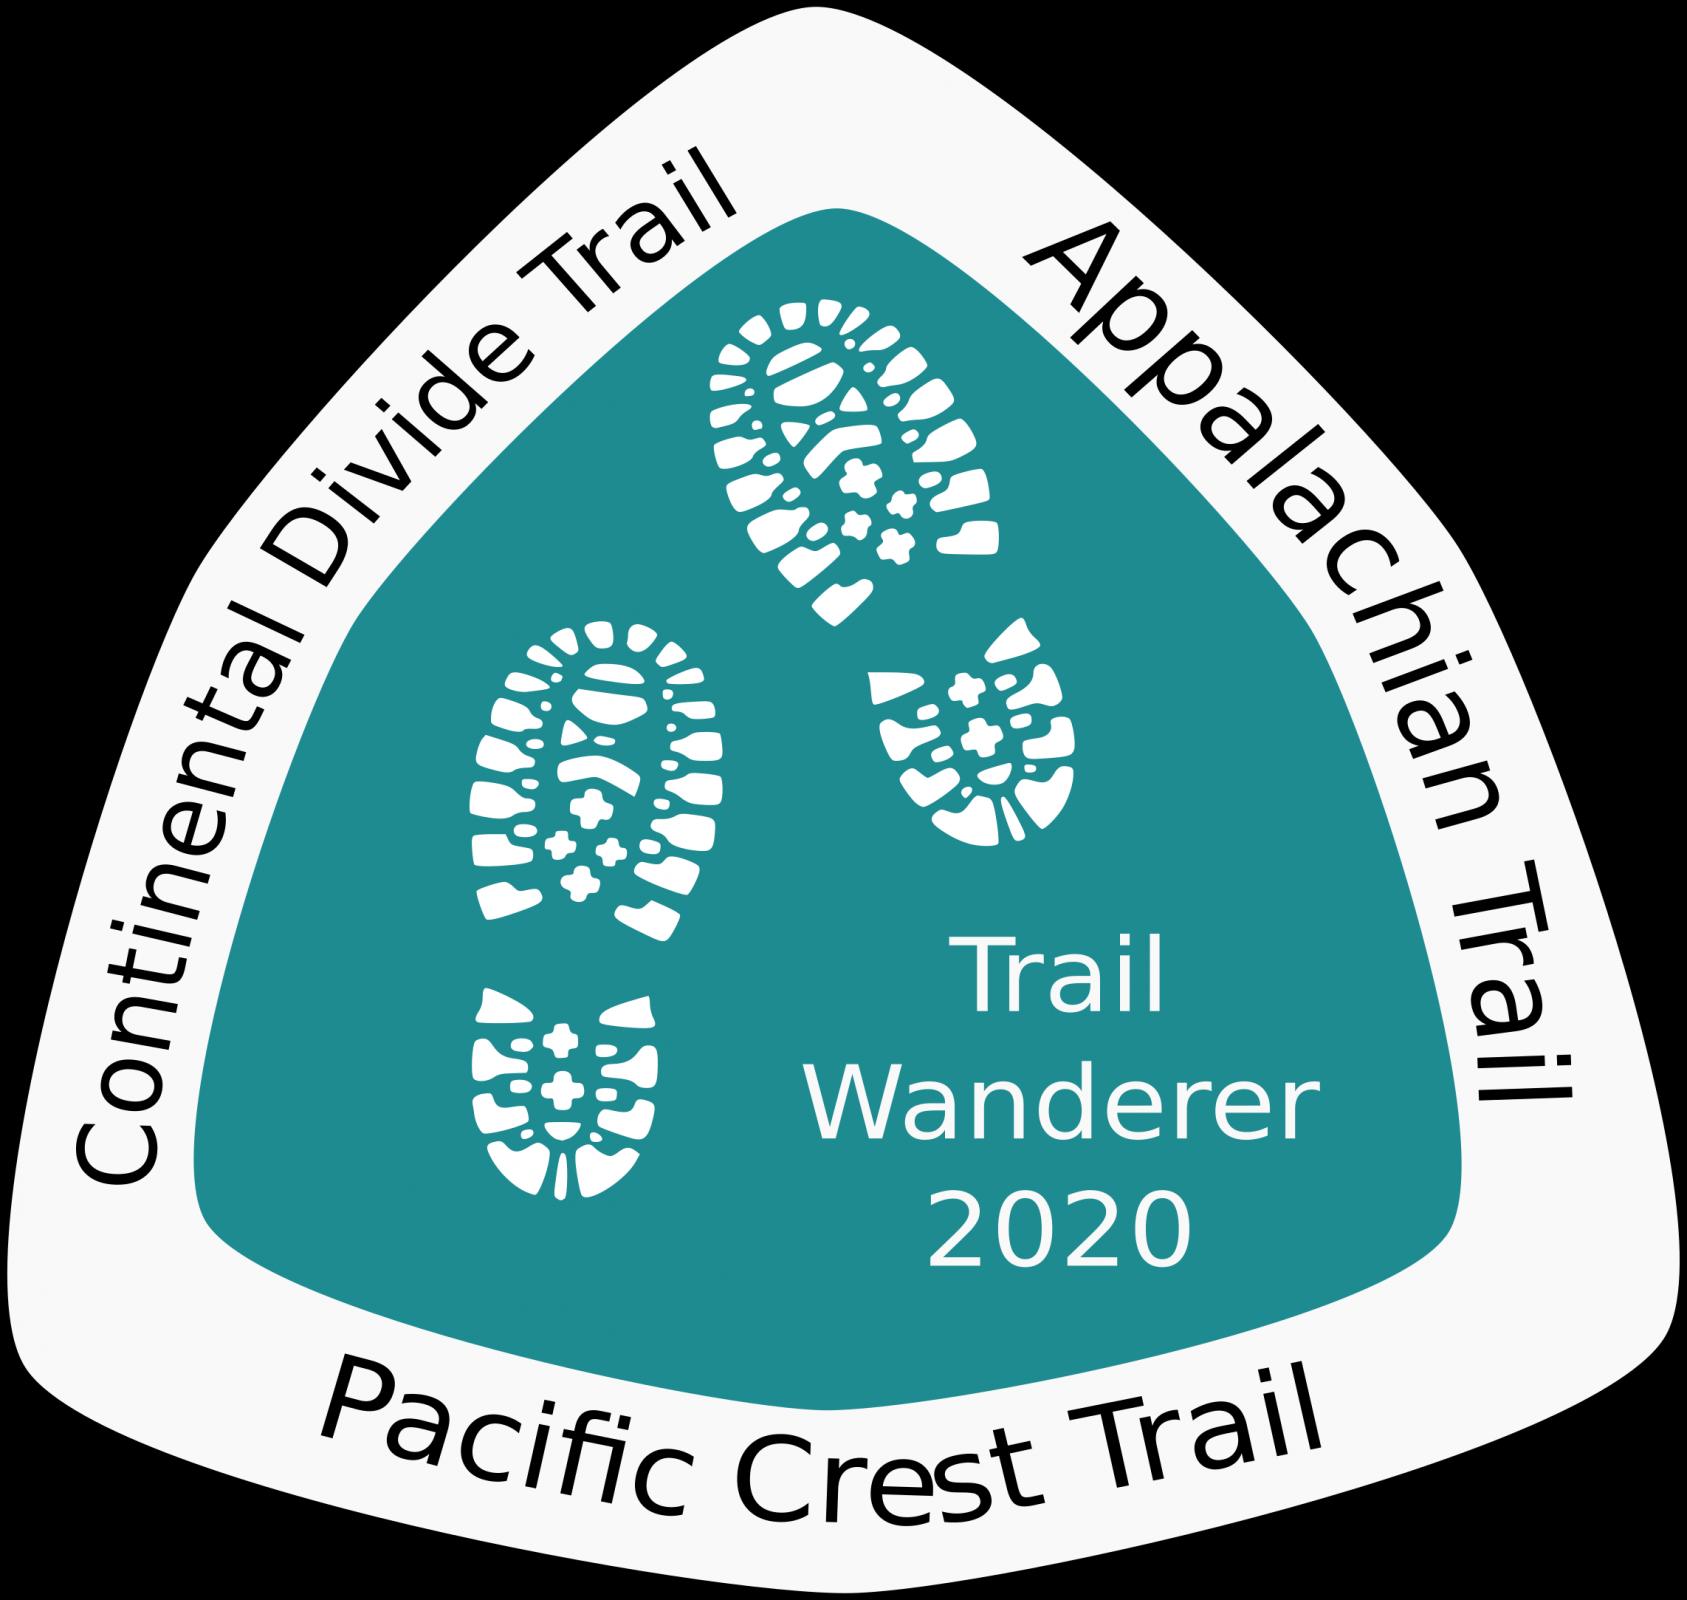 2020 Trail Wanderer